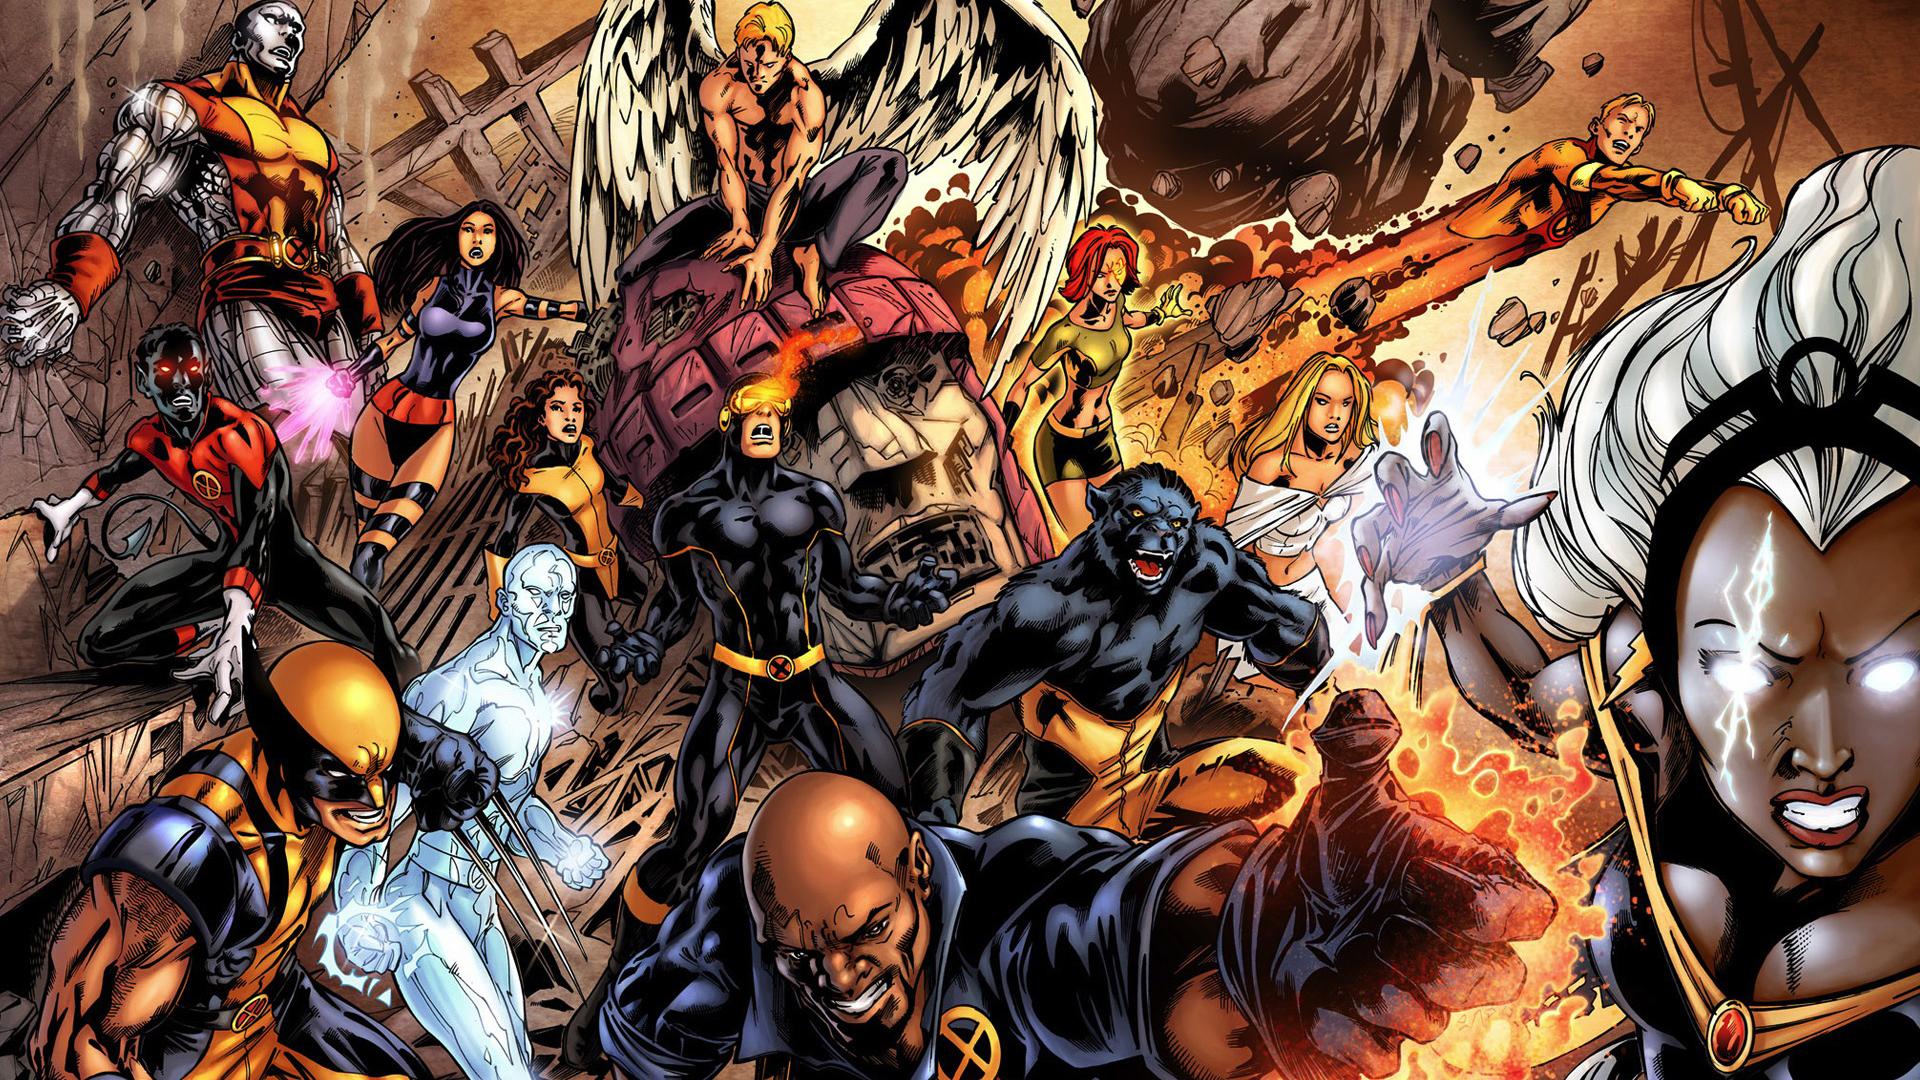 Download X Men Marvel Wallpaper 1920x1080 Wallpoper 405006 1920x1080